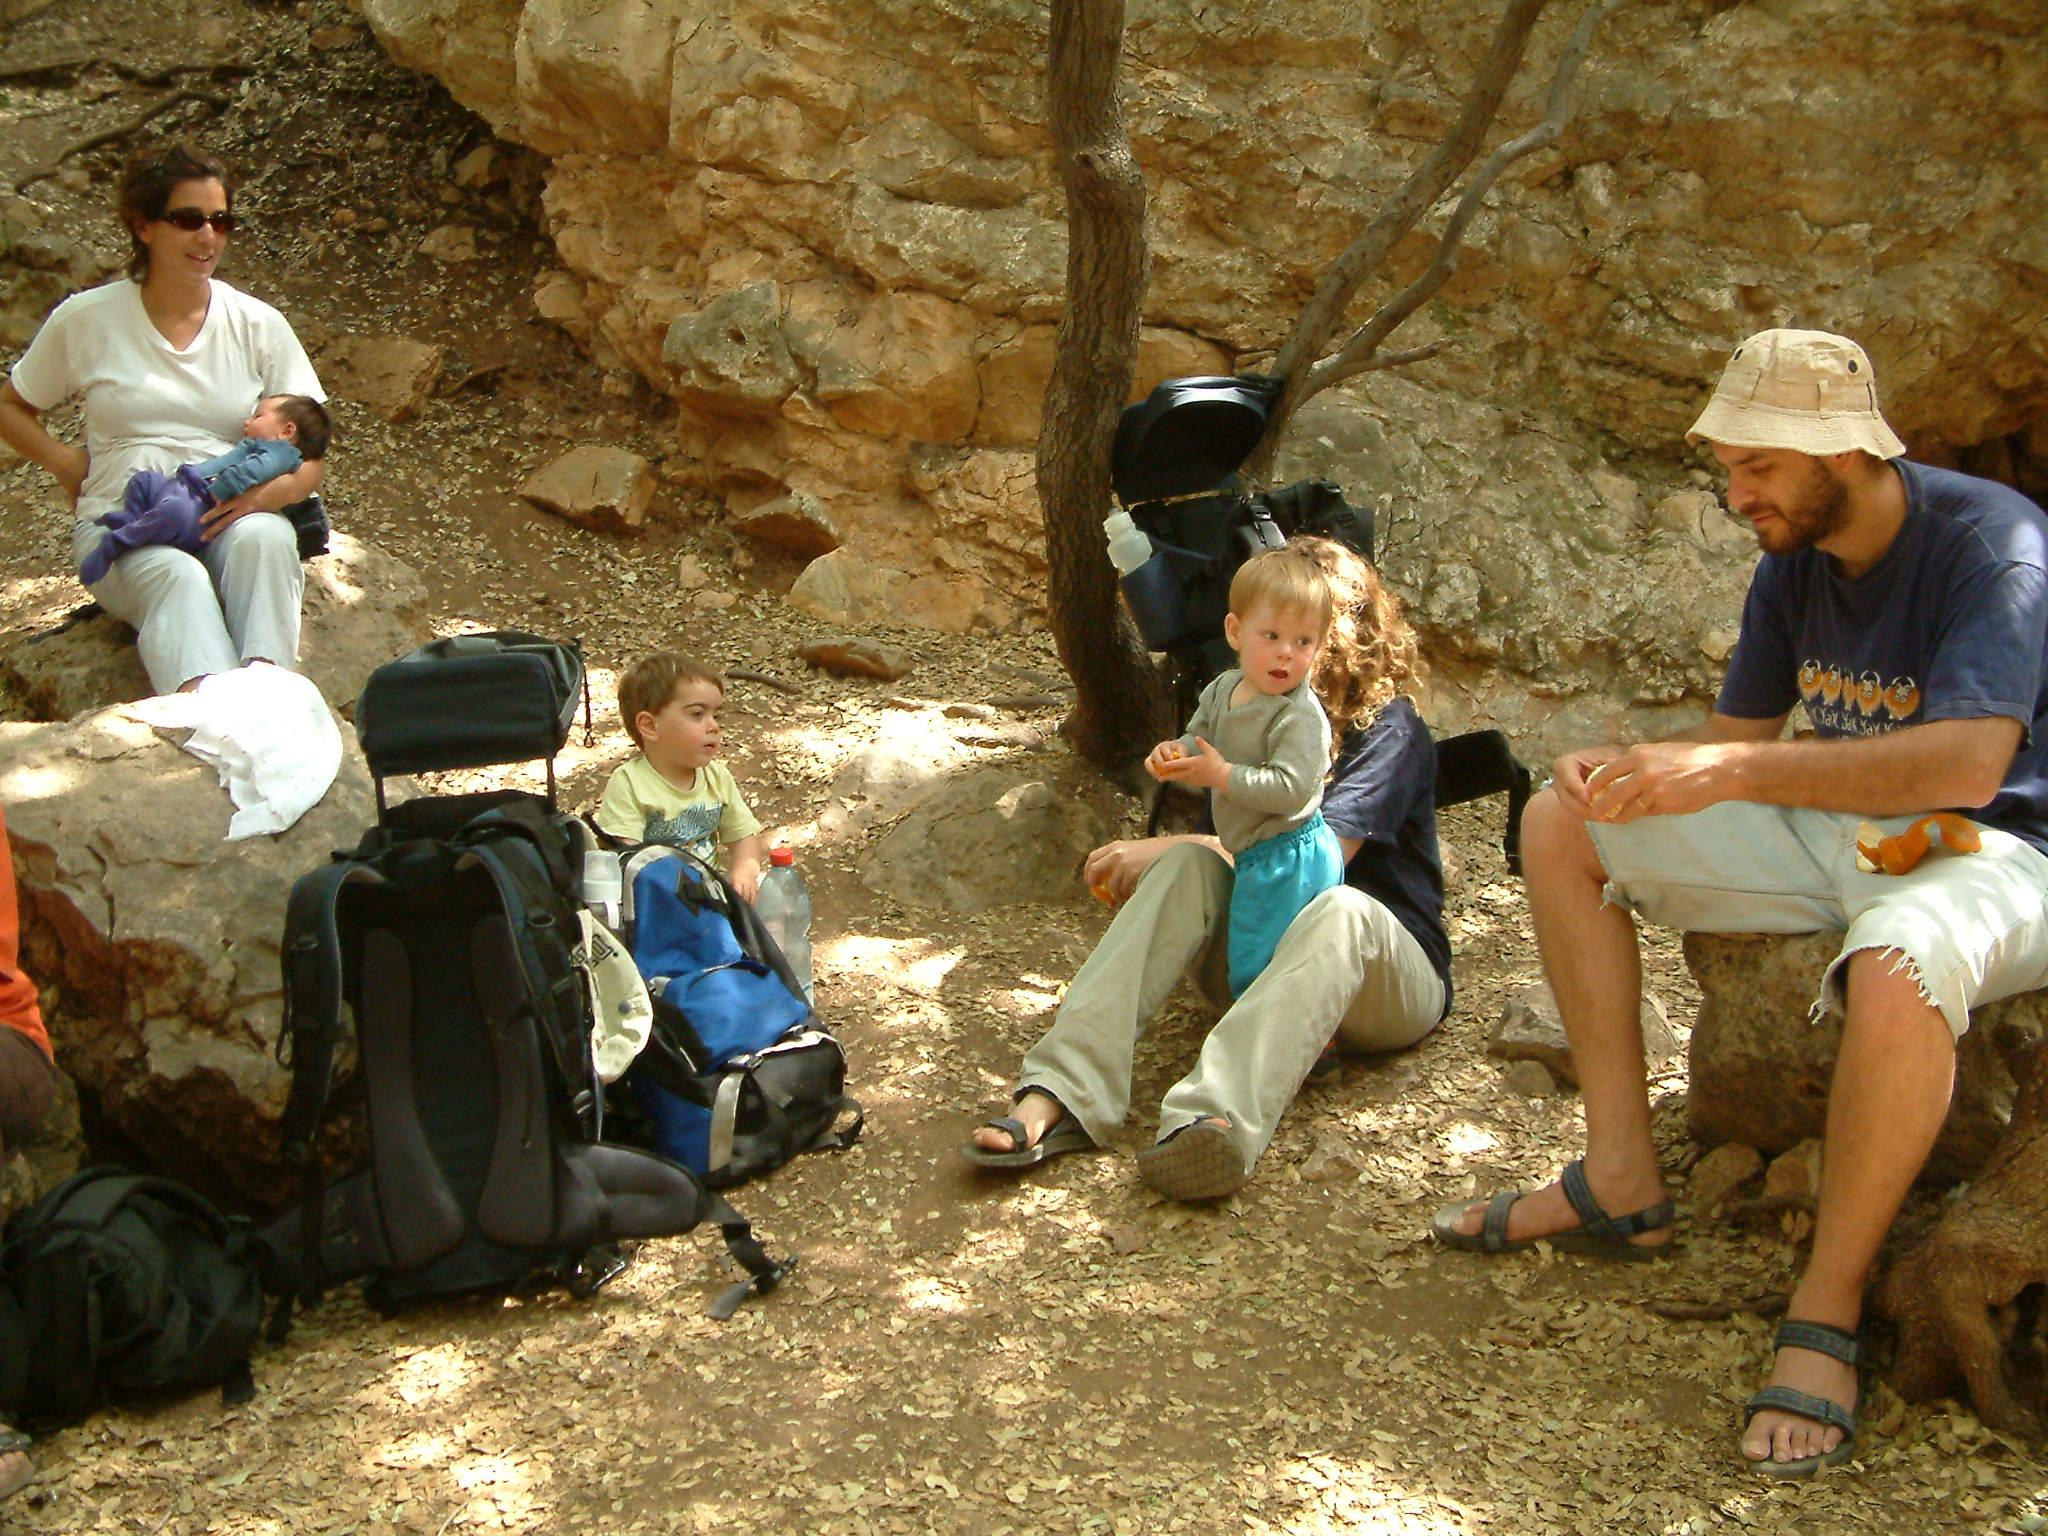 טיולי משפחות עם בשביל בחוויה (2)